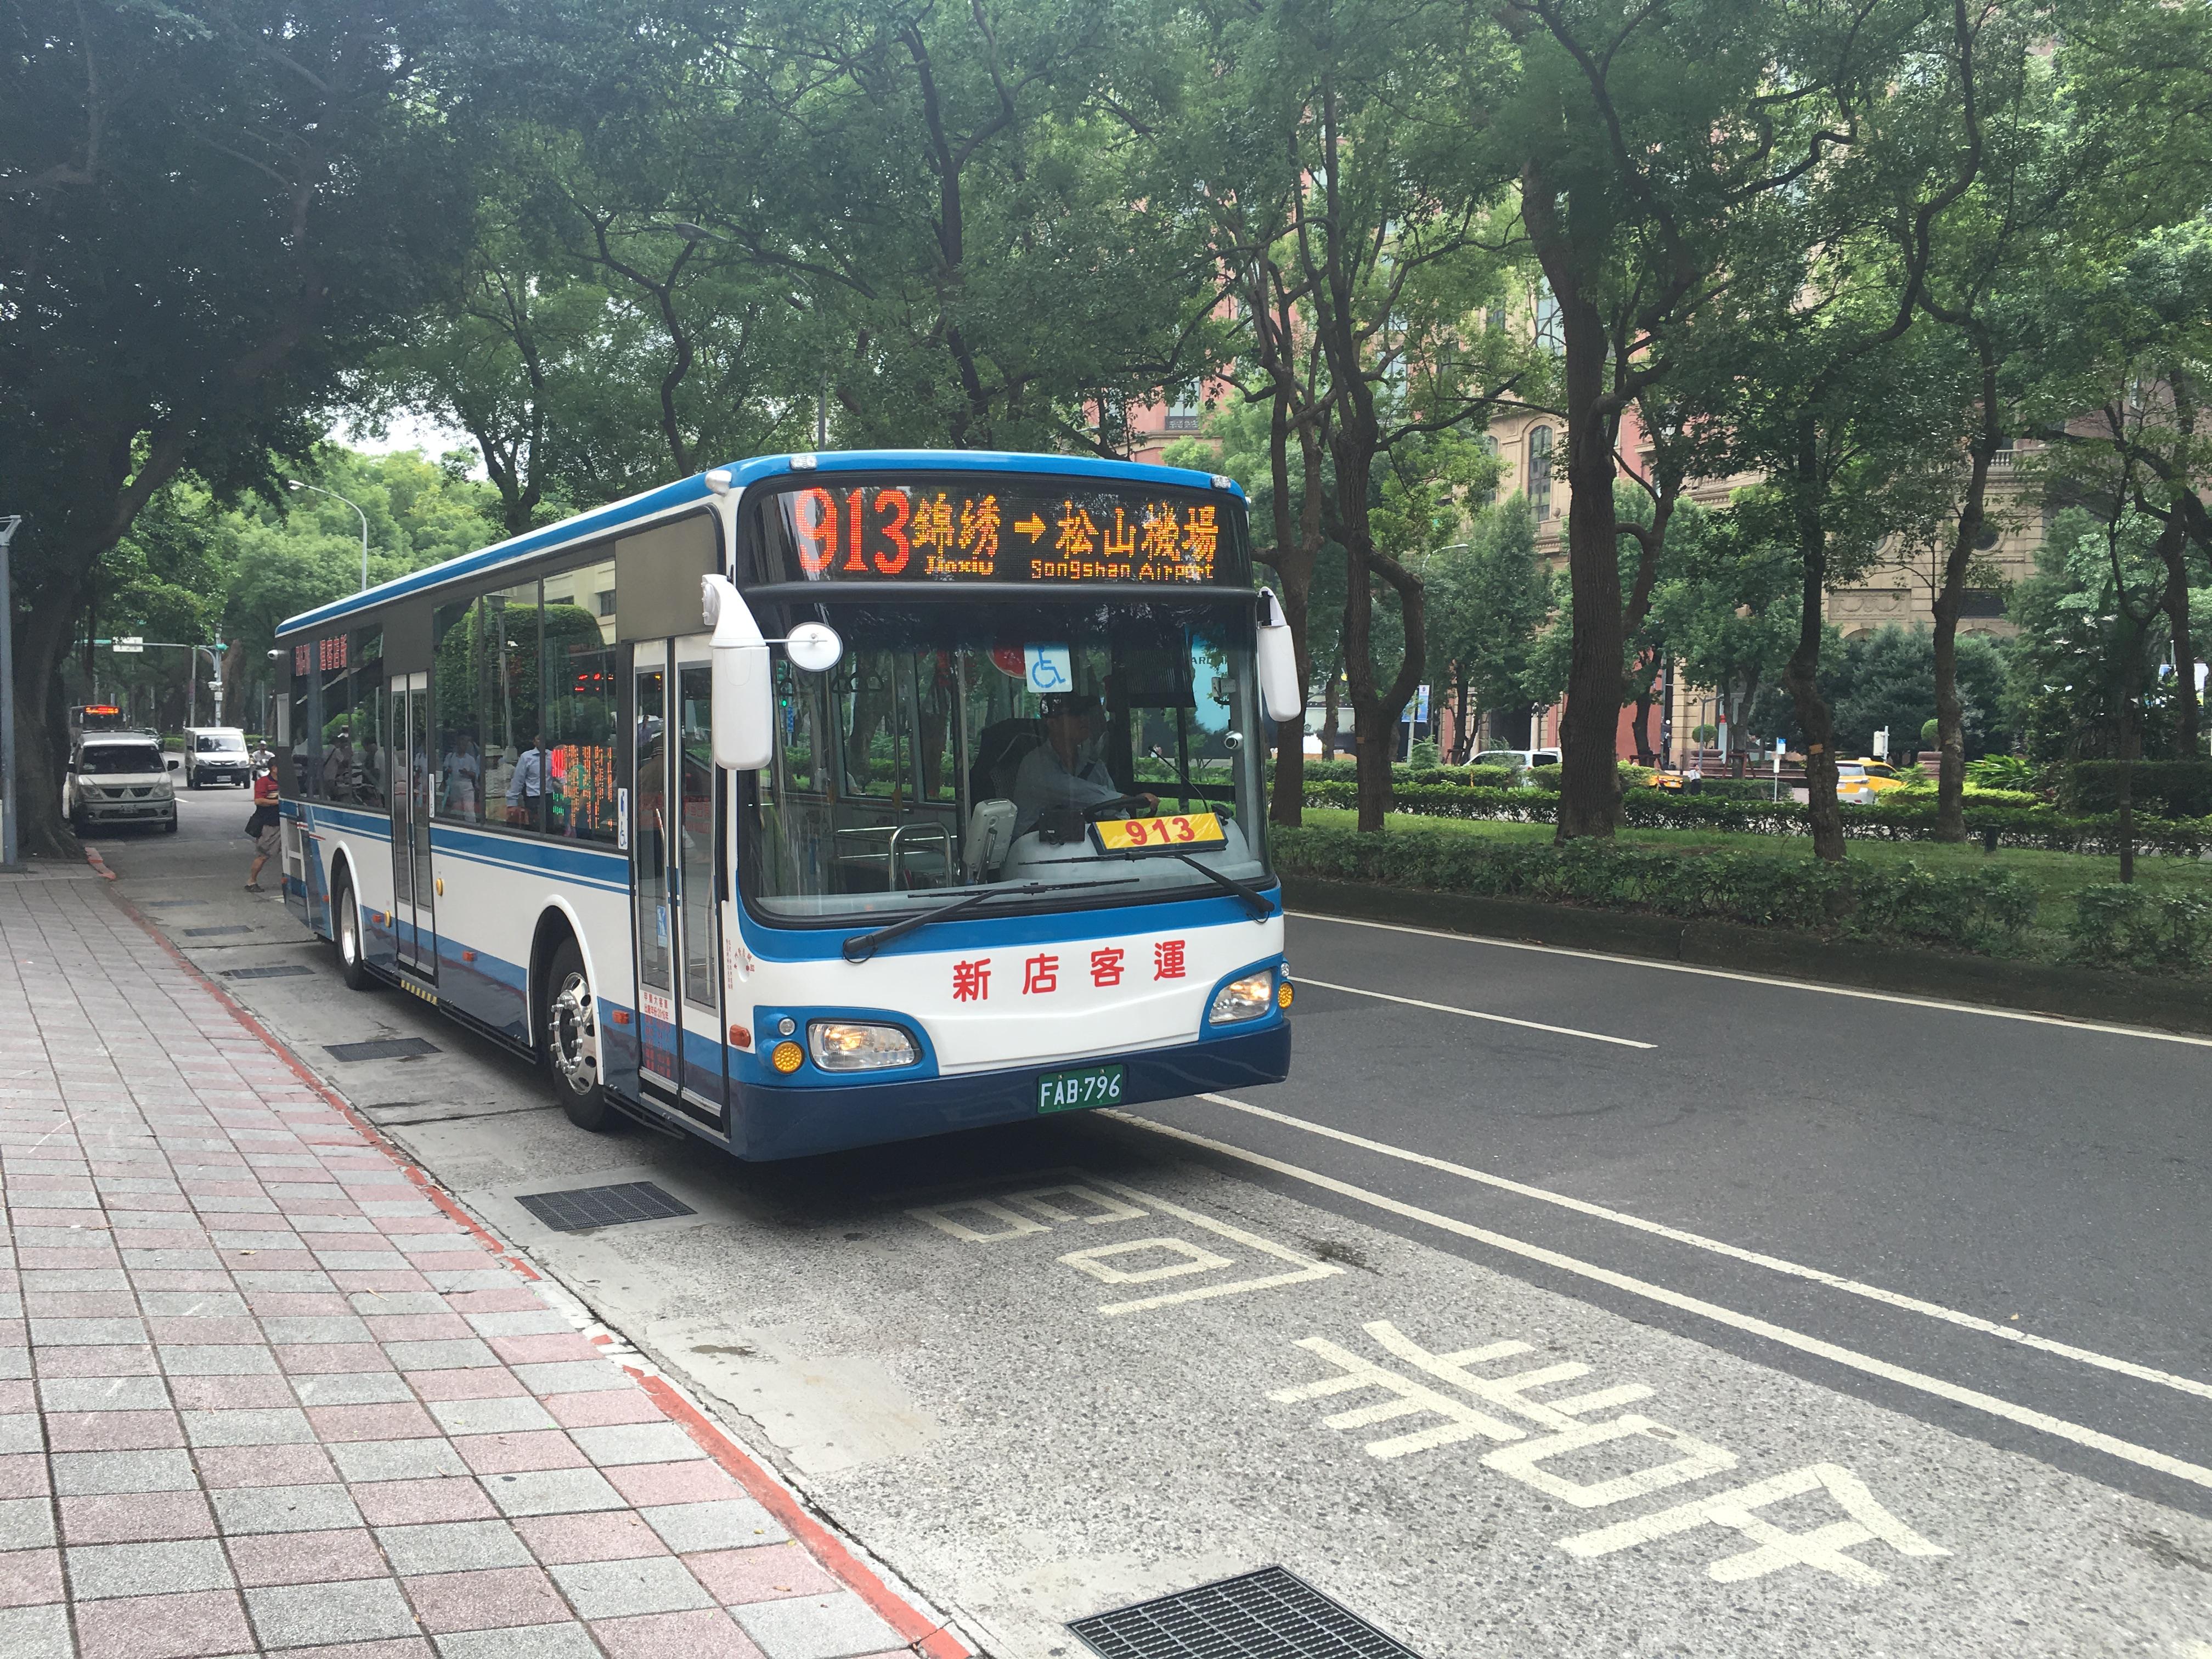 新店客運響應政府政策,引進低底板公車